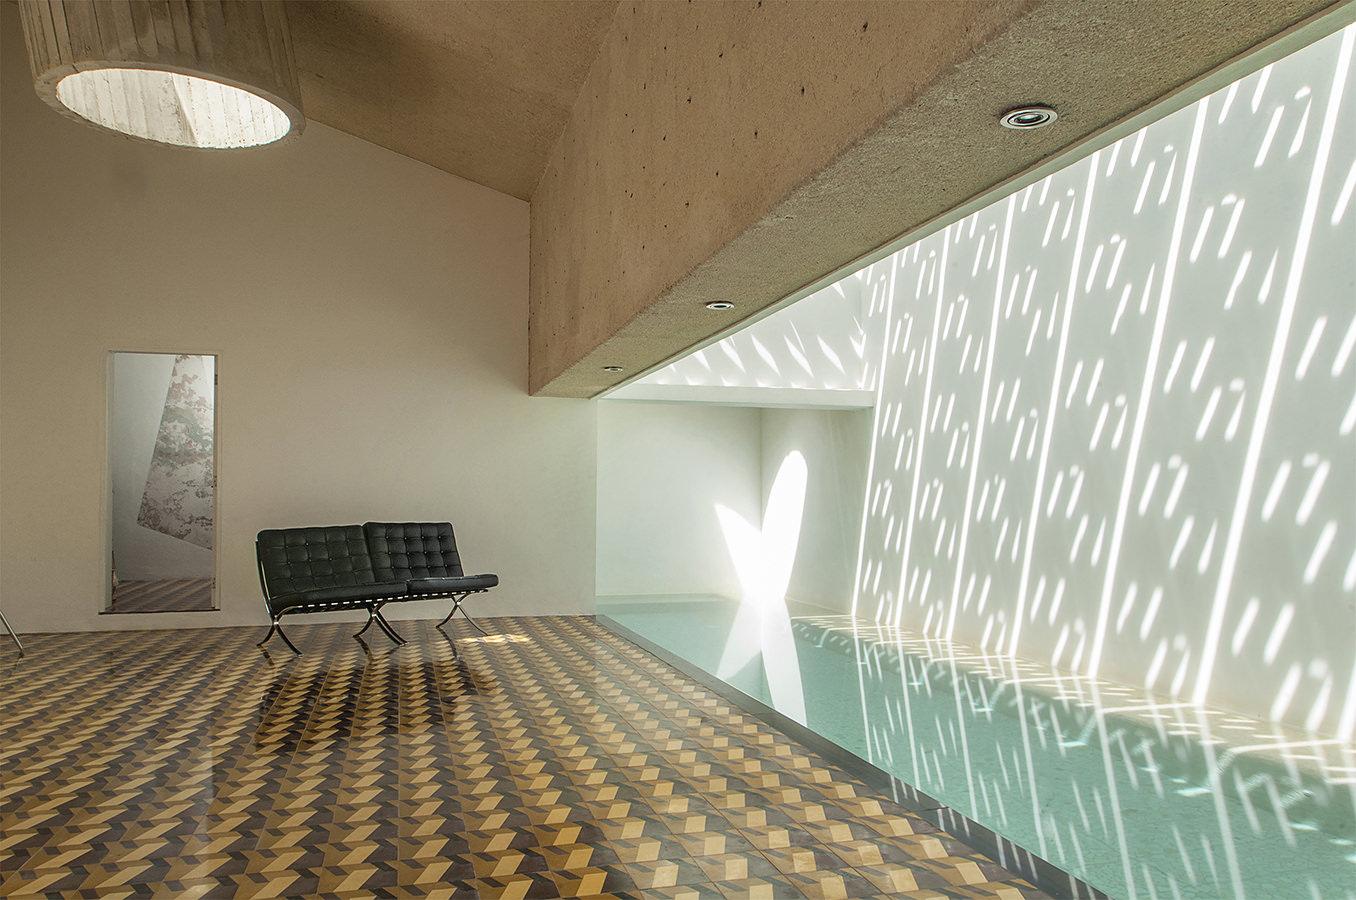 Casa Delpin Interior pool hydraulic tile Puerto Rico-1.jpg